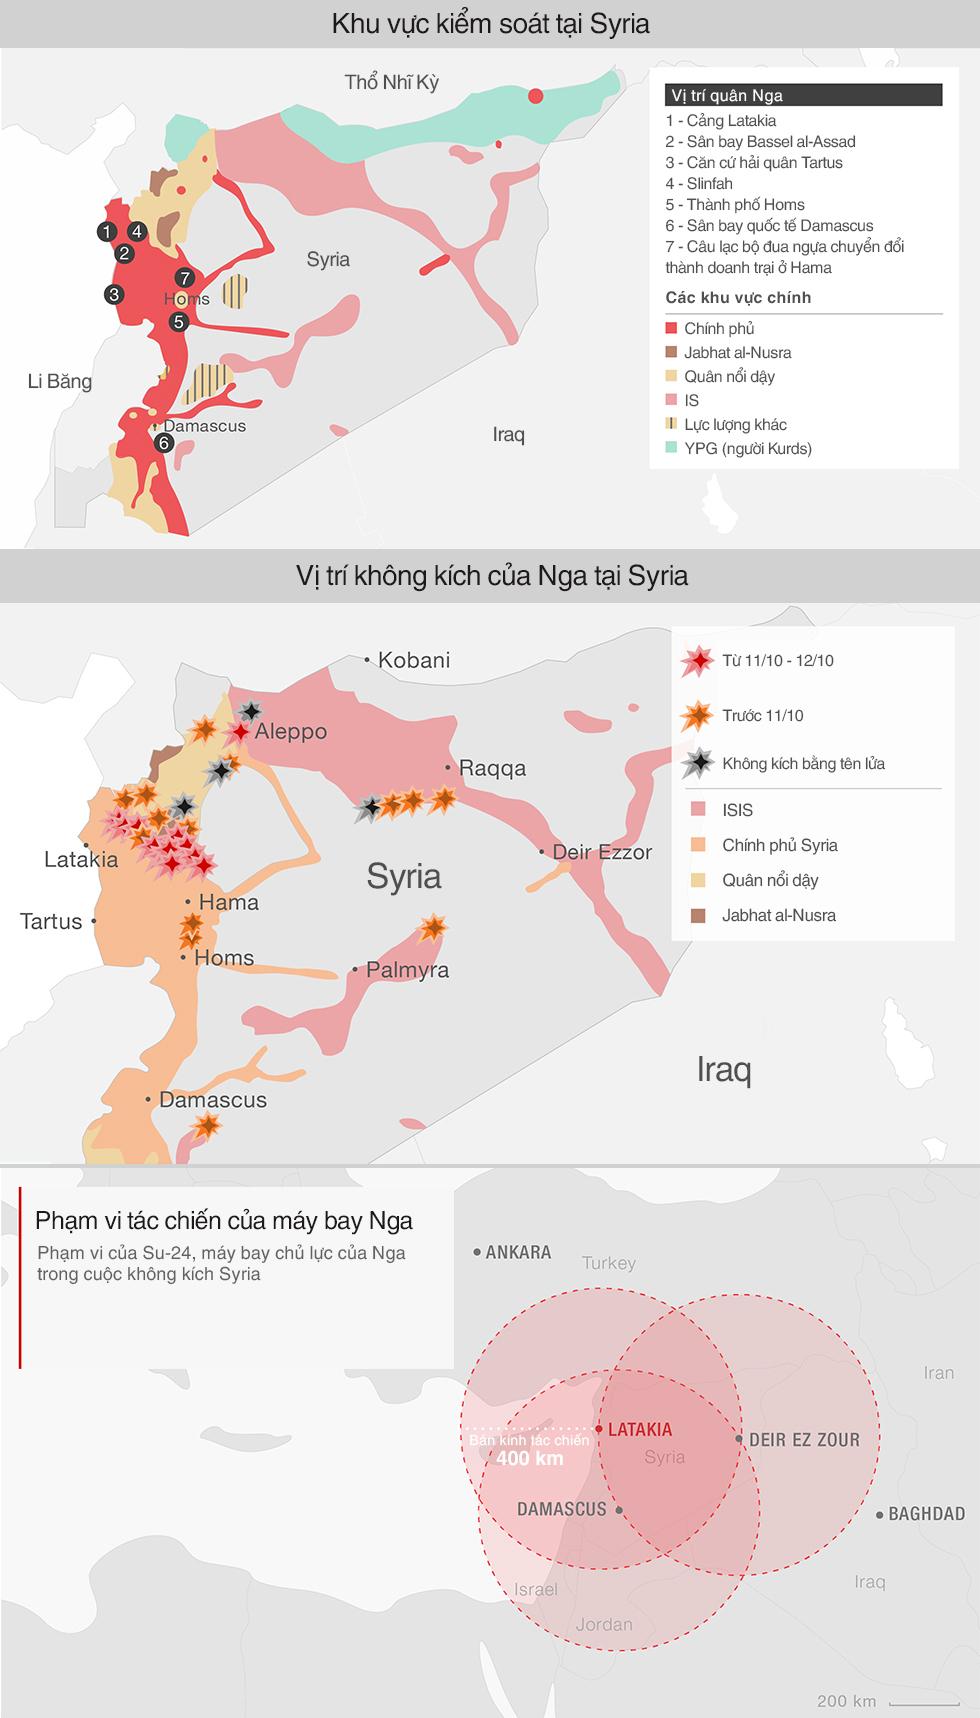 Mật độ oanh tạc và vị trí quân Nga tại Syria 1